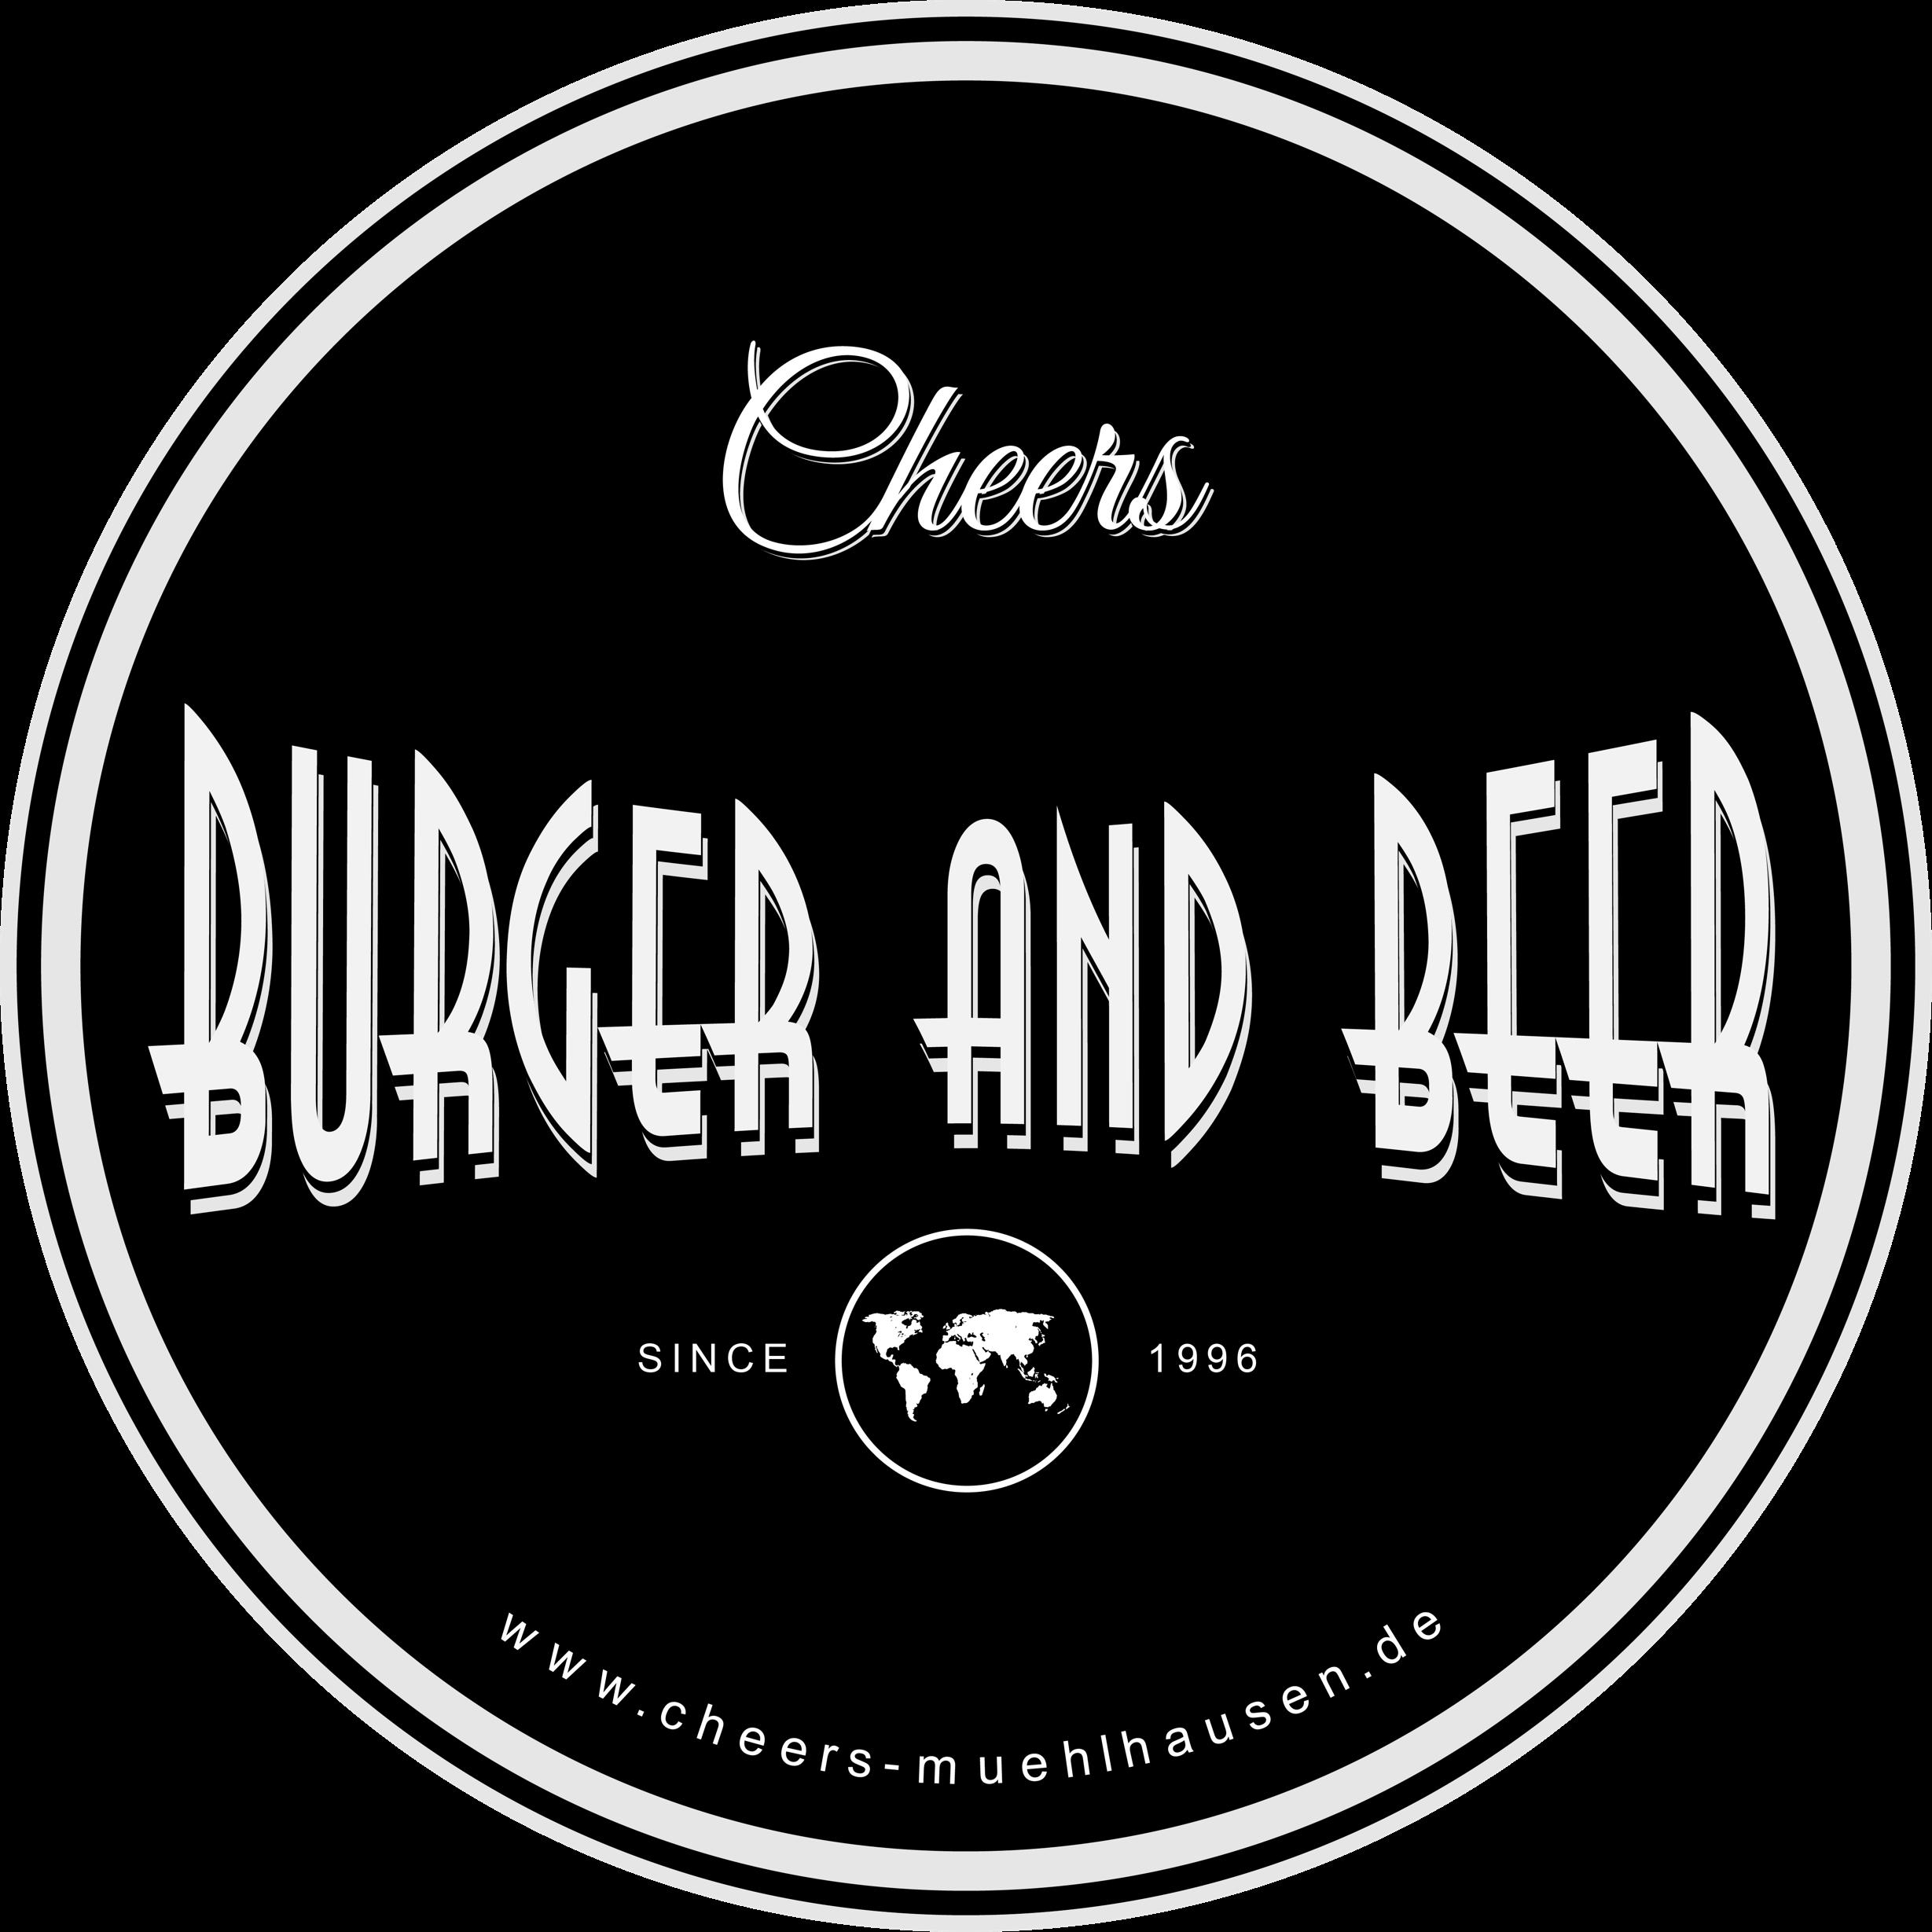 Cheers - Burger & Beer